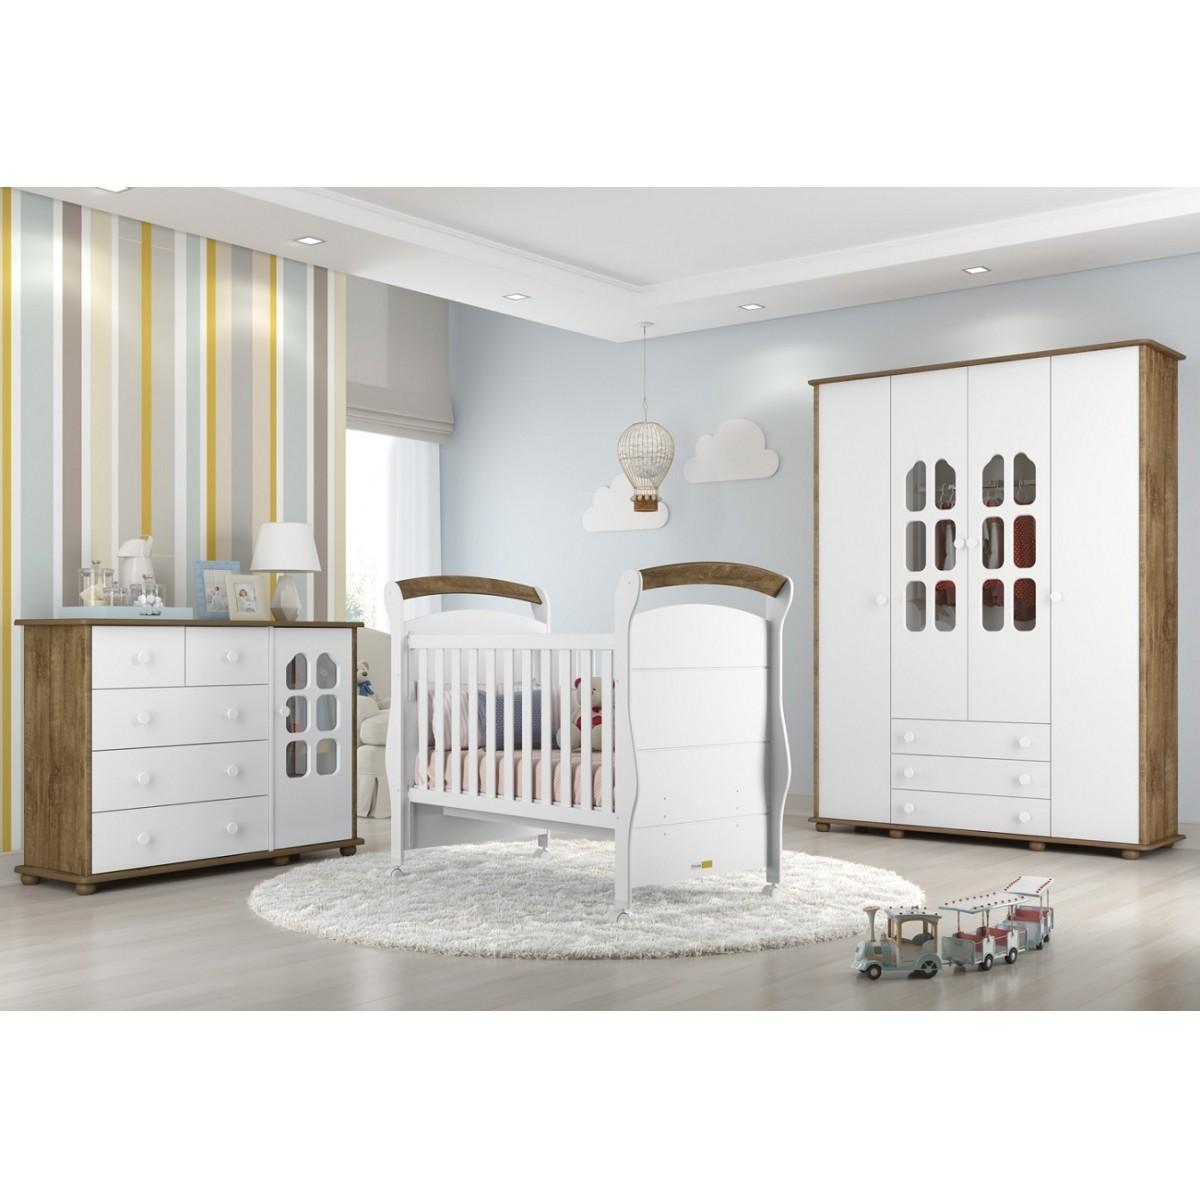 Quarto Completo Para Bebê Com Roupeiro 4 Portas + Cômoda Amore + Berço Mini Cama Fratelli Matic